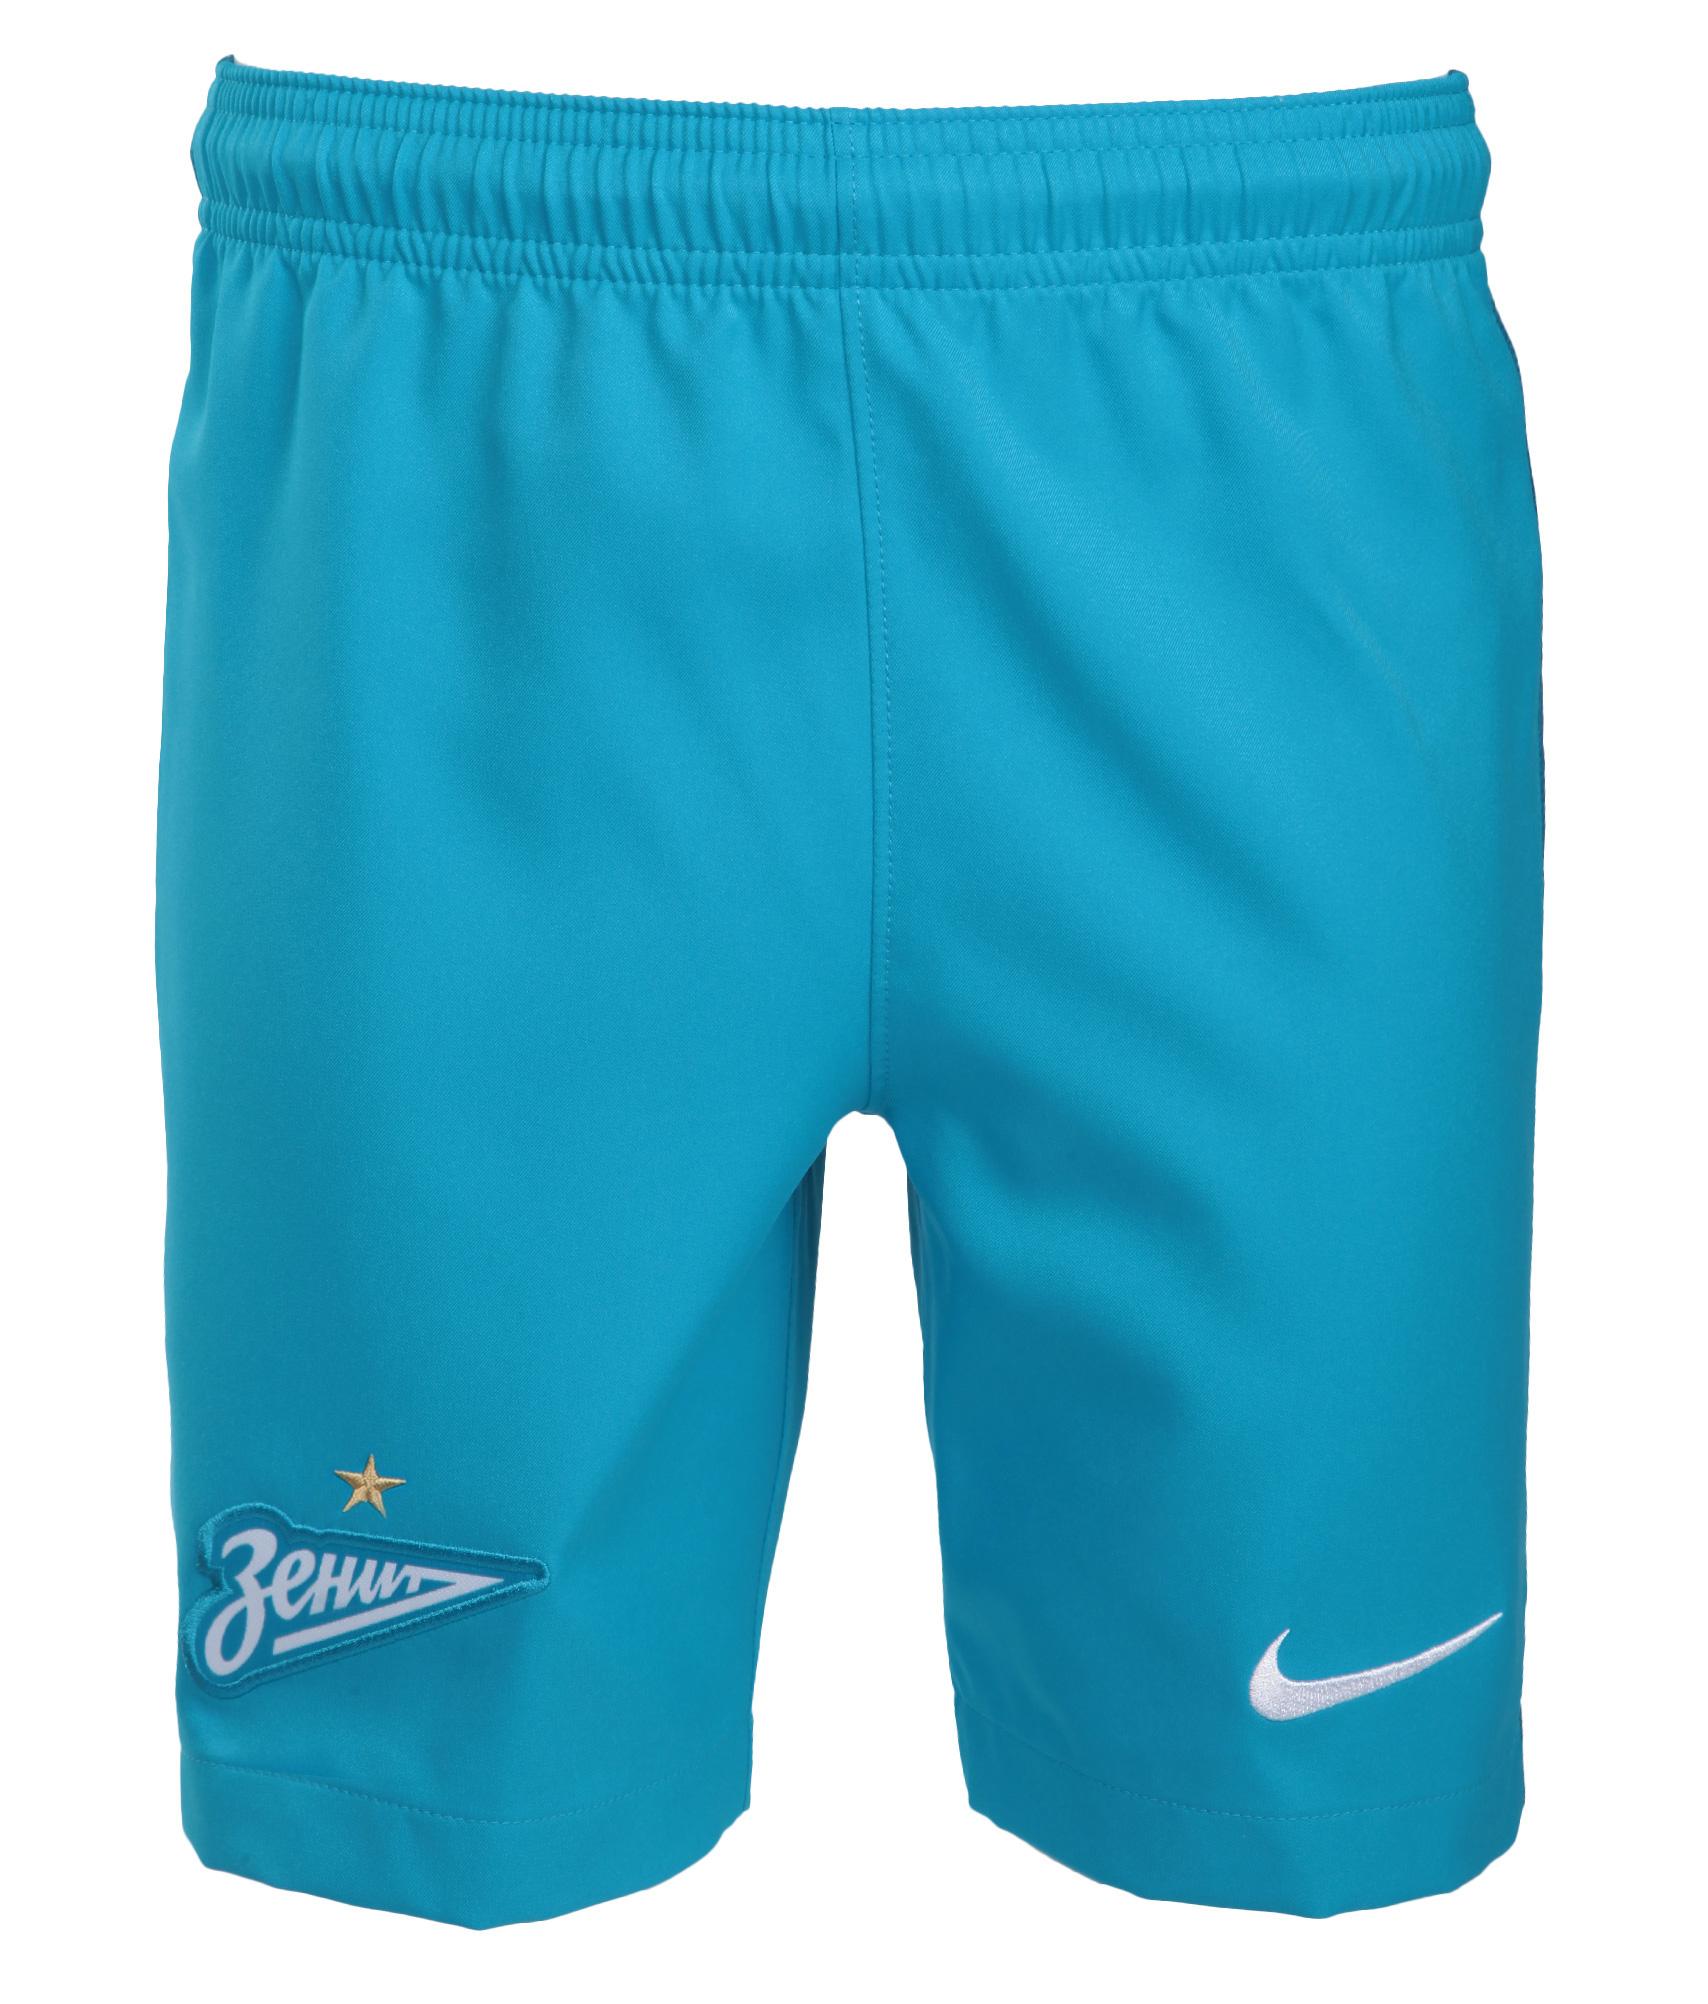 Шорты оригинальные подростковые Nike Nike Цвет-Синий